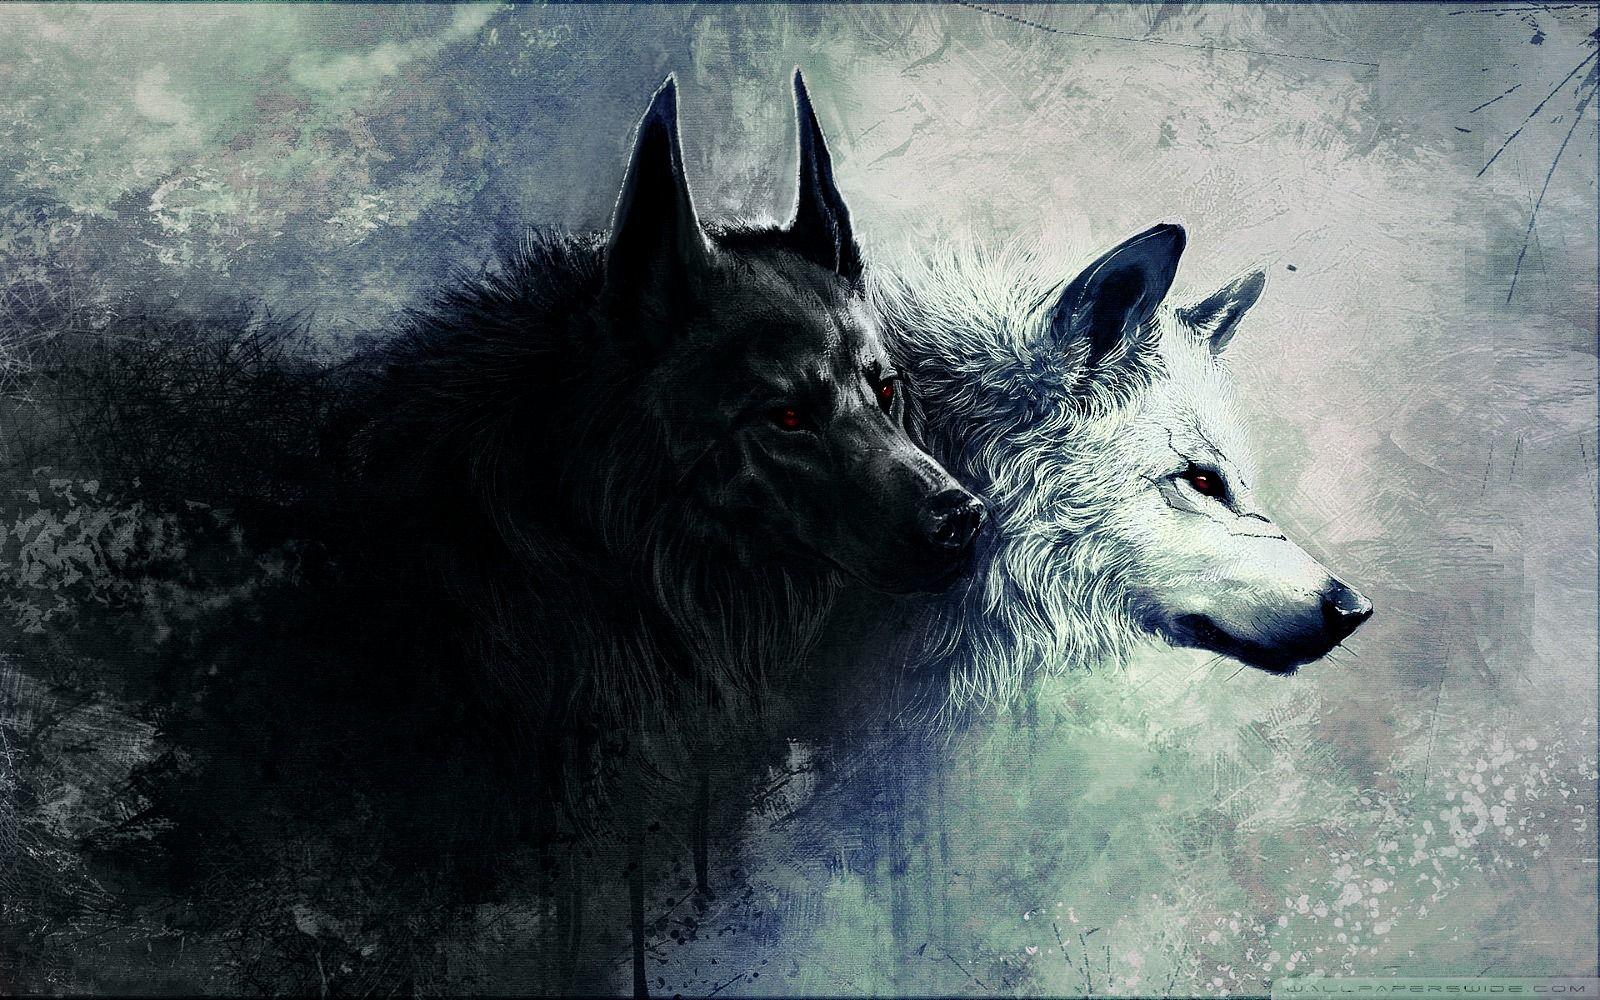 wolf wallpaper Wolf artwork, Wolf wallpaper, Beast wallpaper